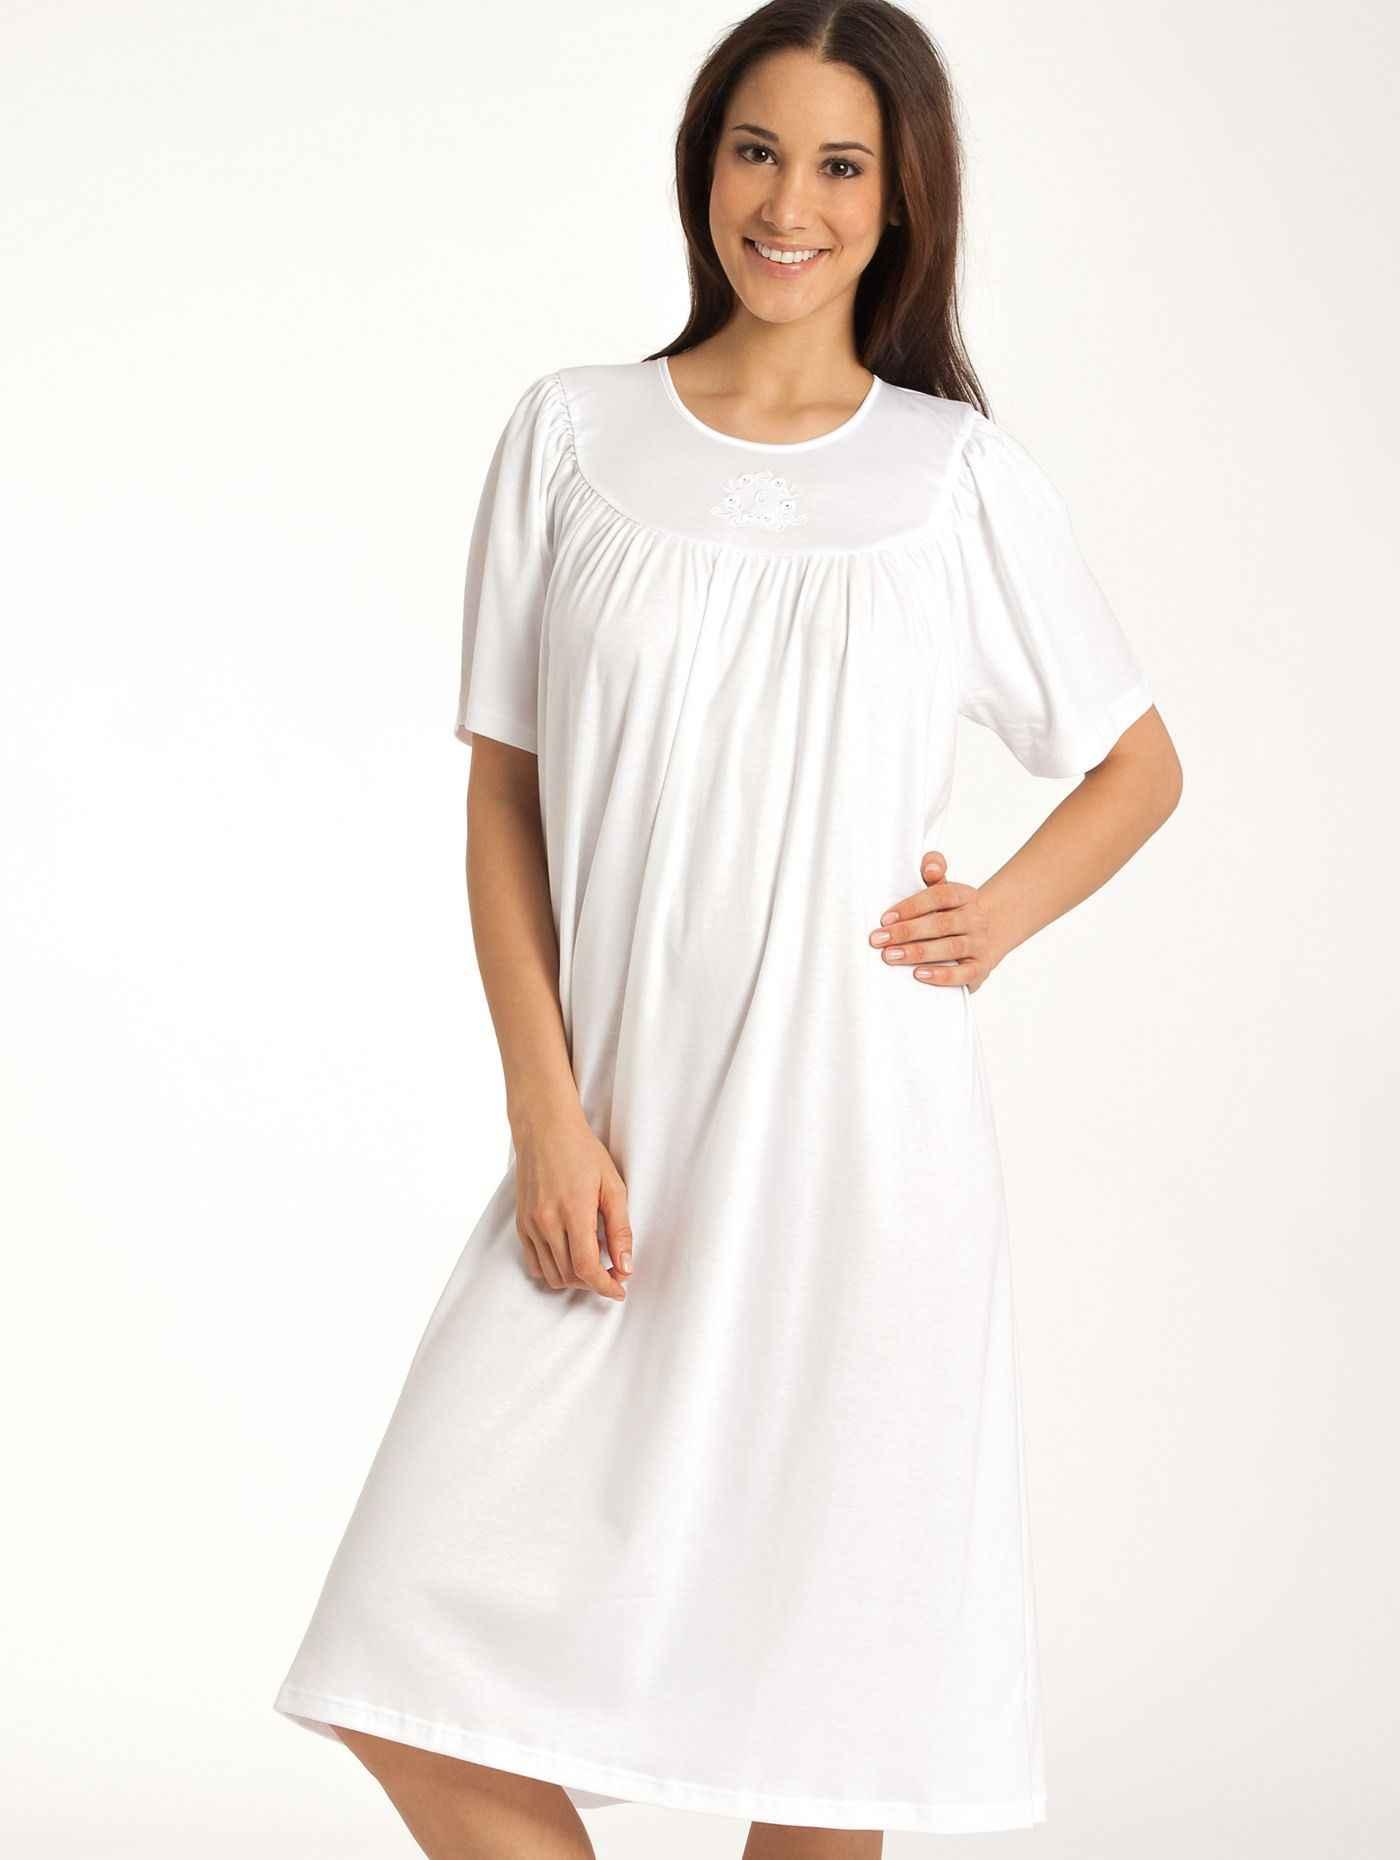 Damen CALIDA Soft Cotton Nightshirt kurzarm weiß | 07610441107638